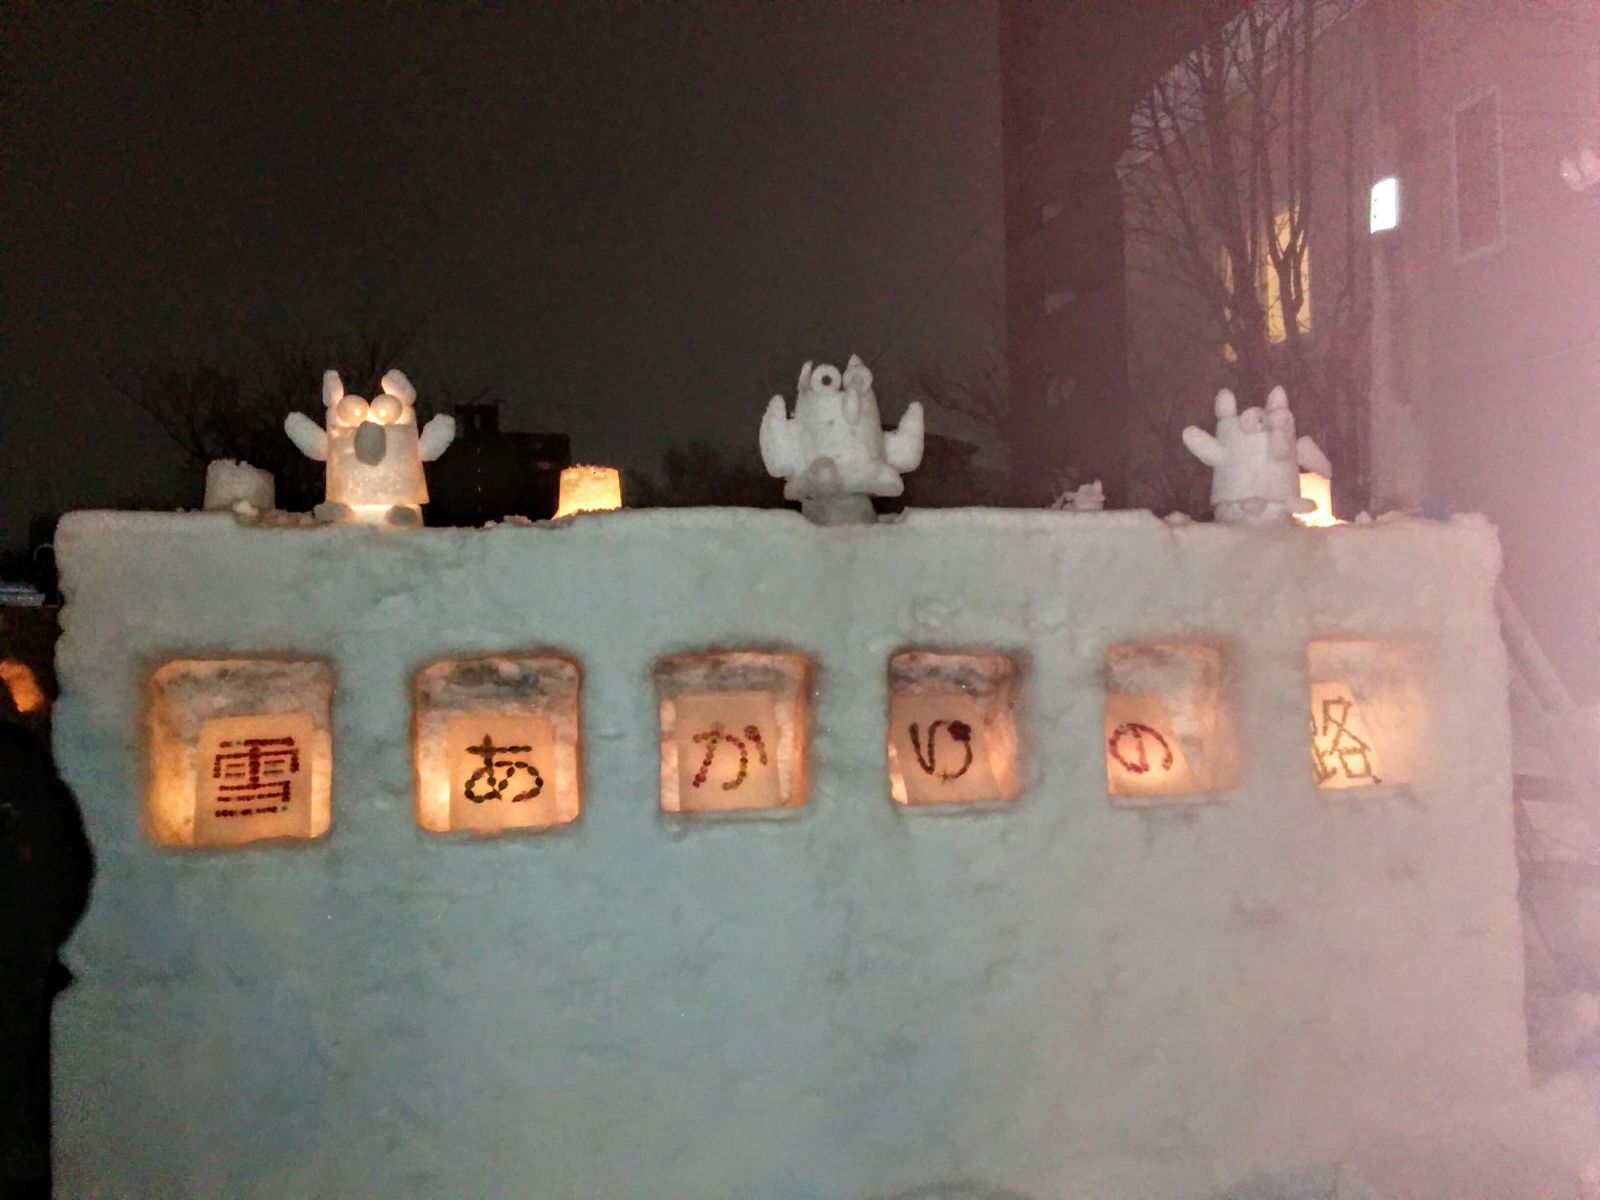 【小樽】小樽雪あかりの路観光タクシー